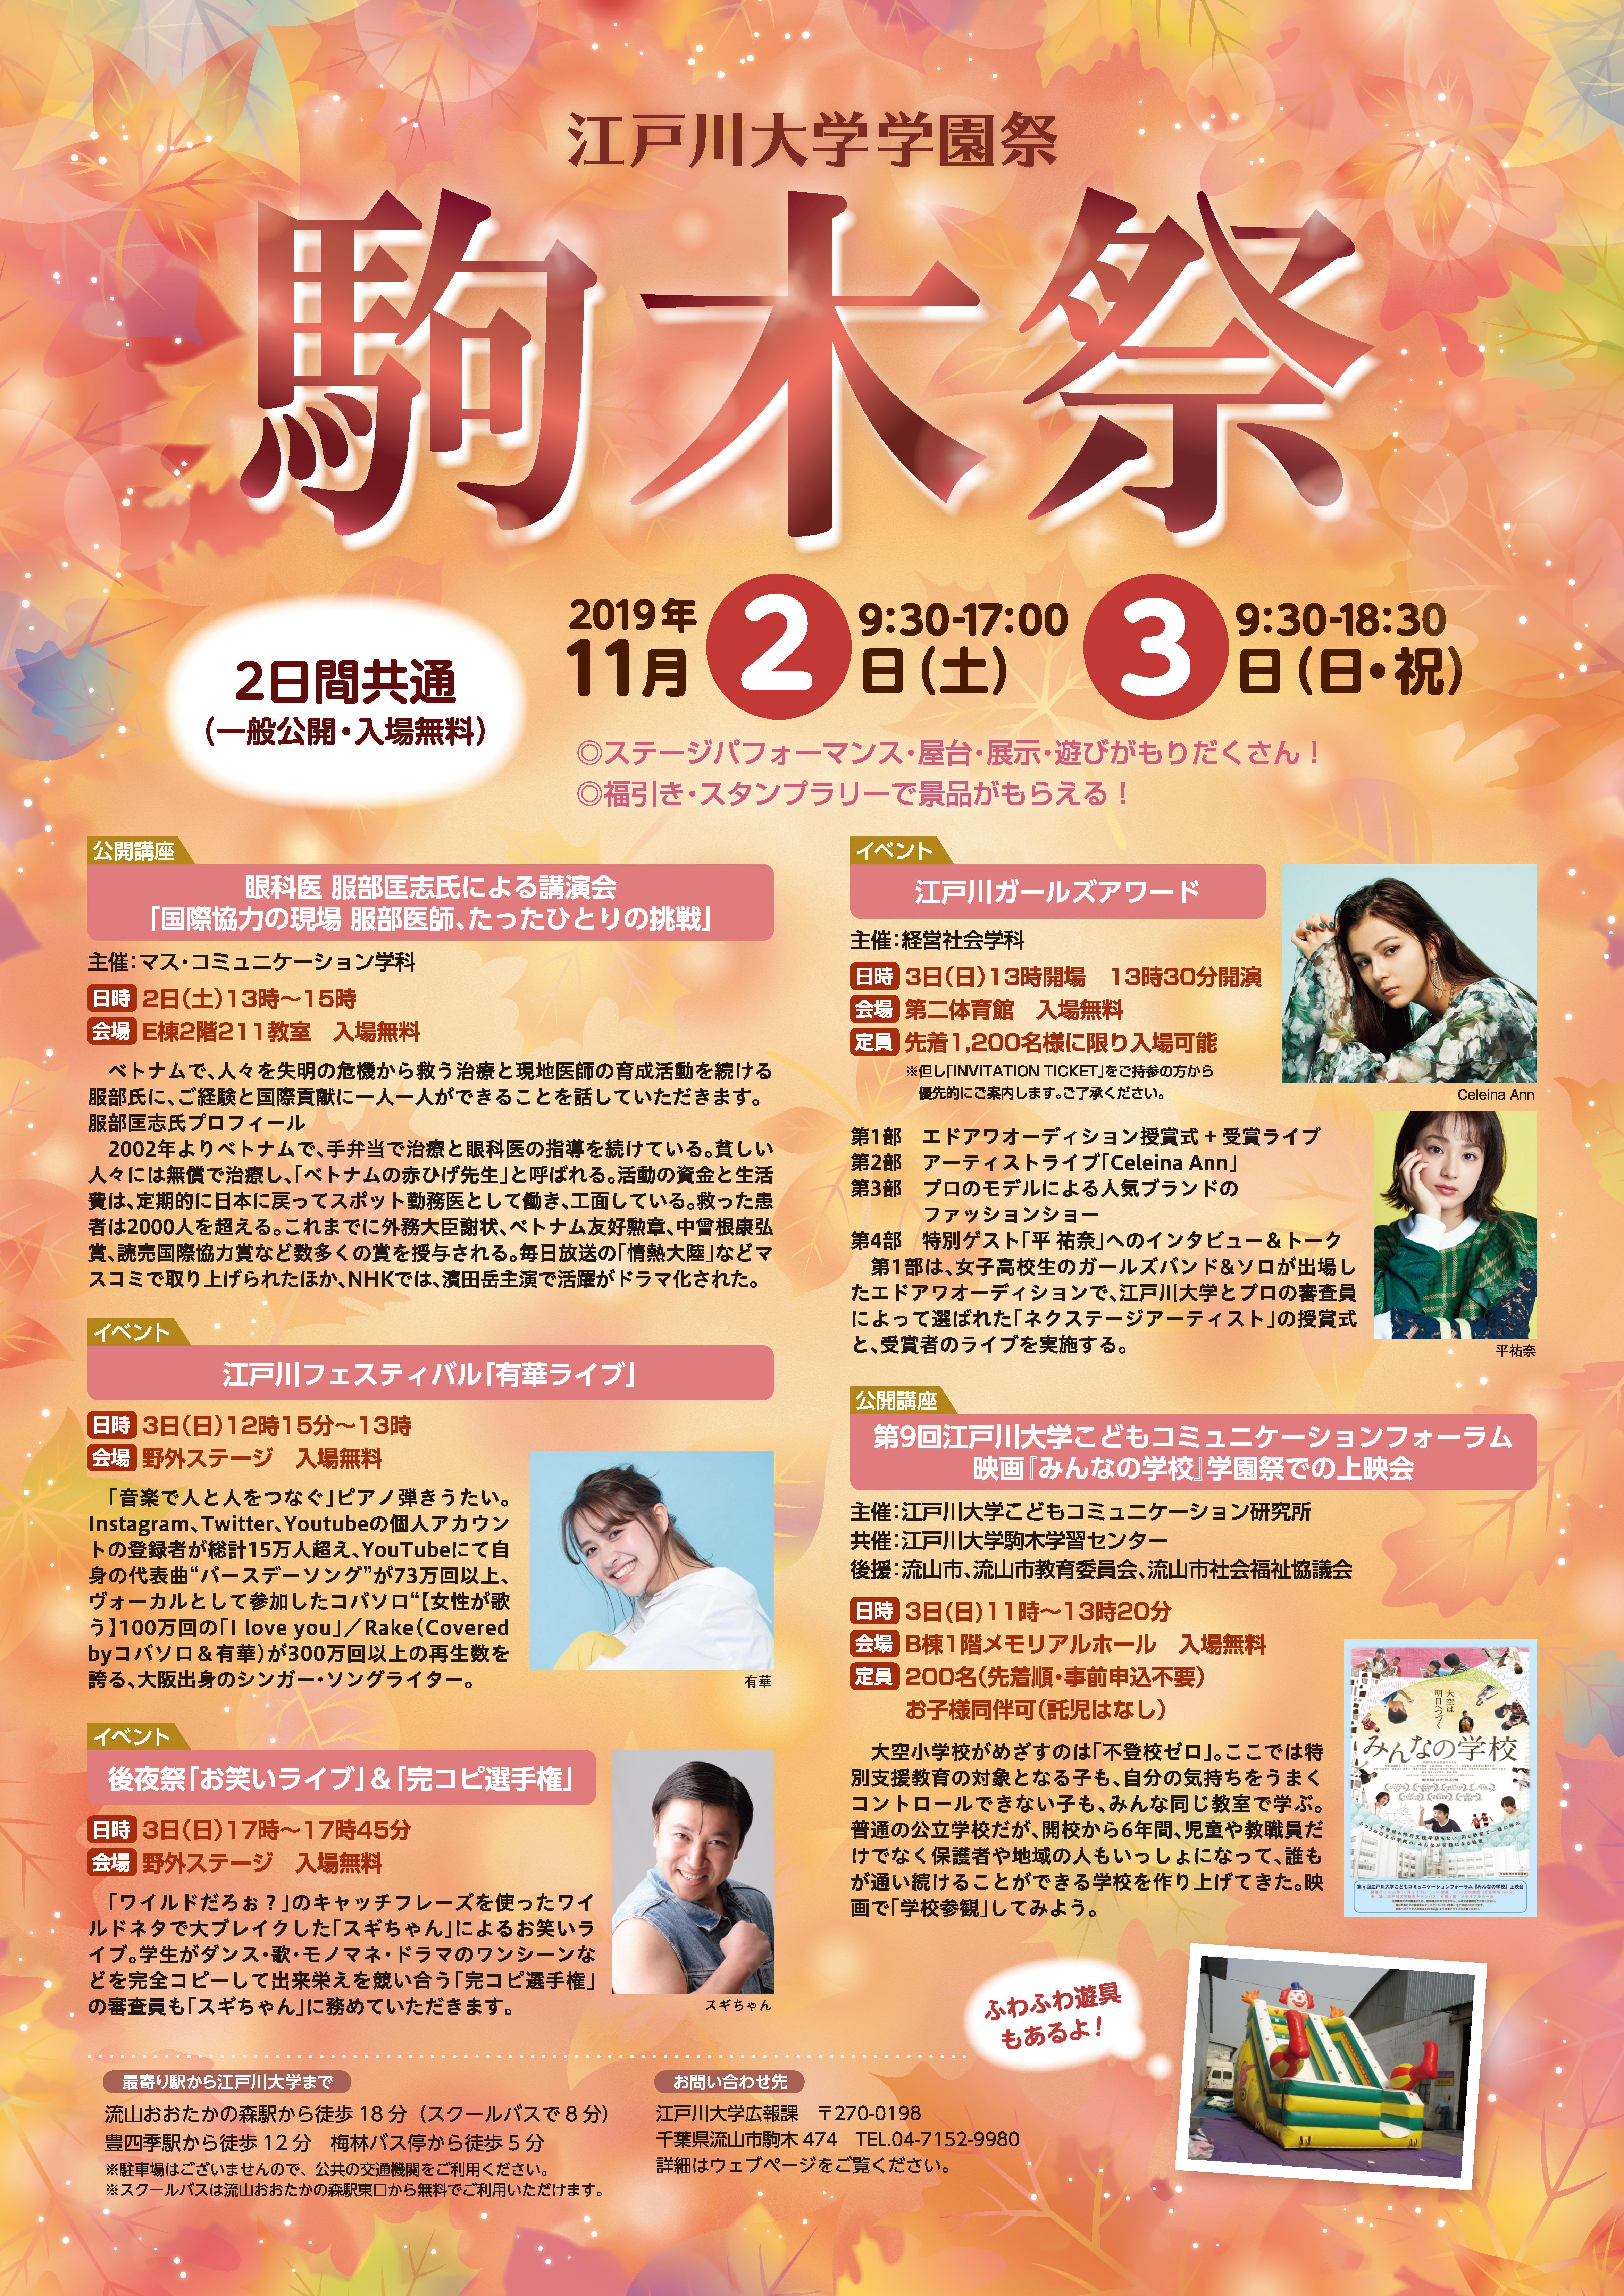 江戸川大学が11月2・3日に学園祭「駒木祭」を開催 -- 今年のテーマは「結 -- むすび --」